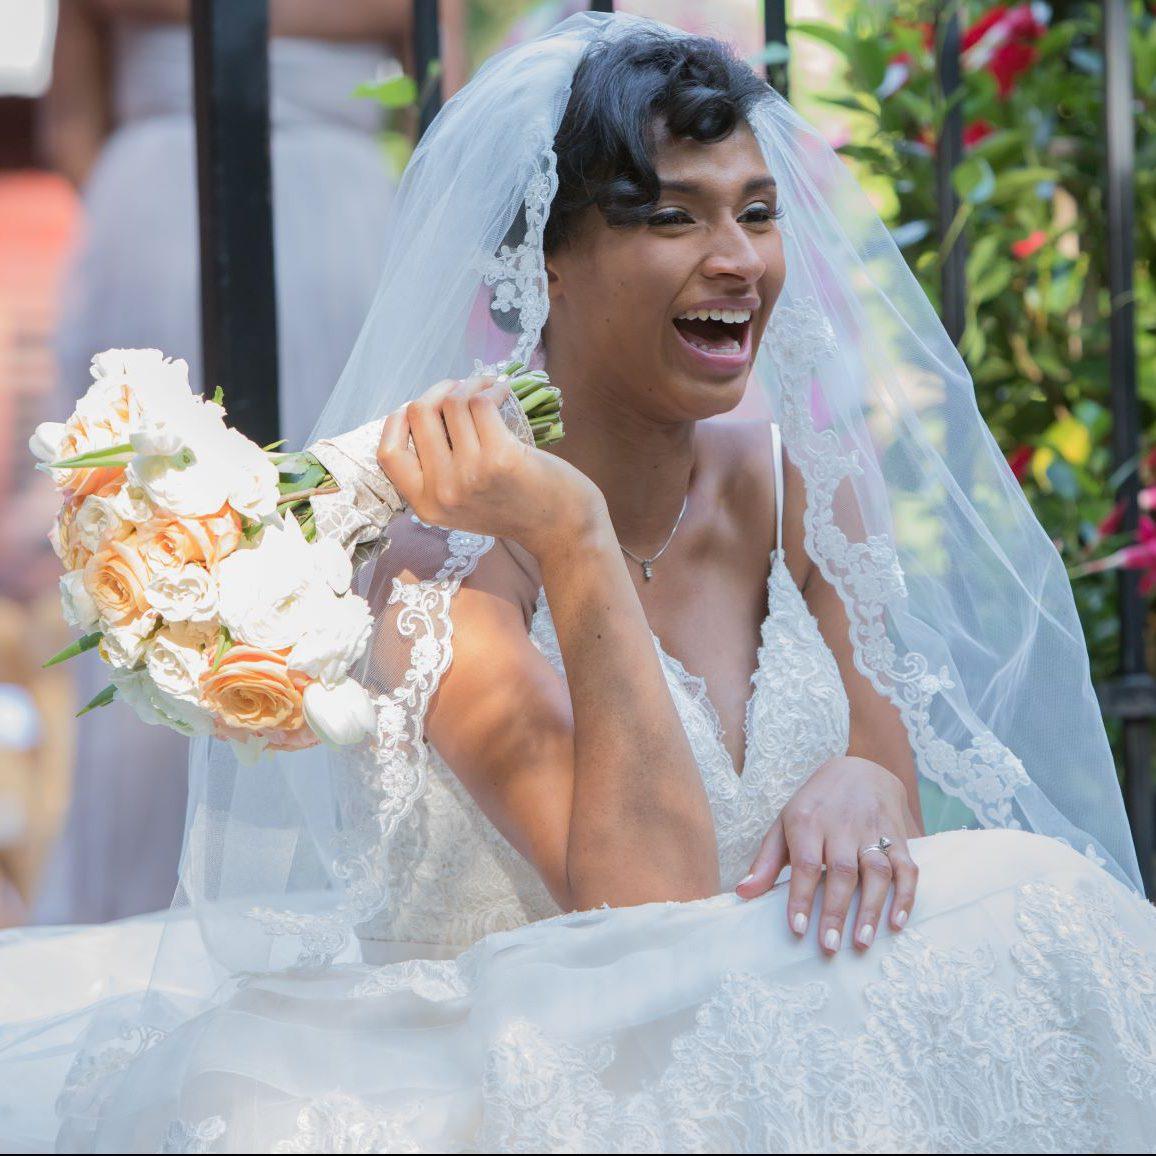 Bride laughs holding bouquet